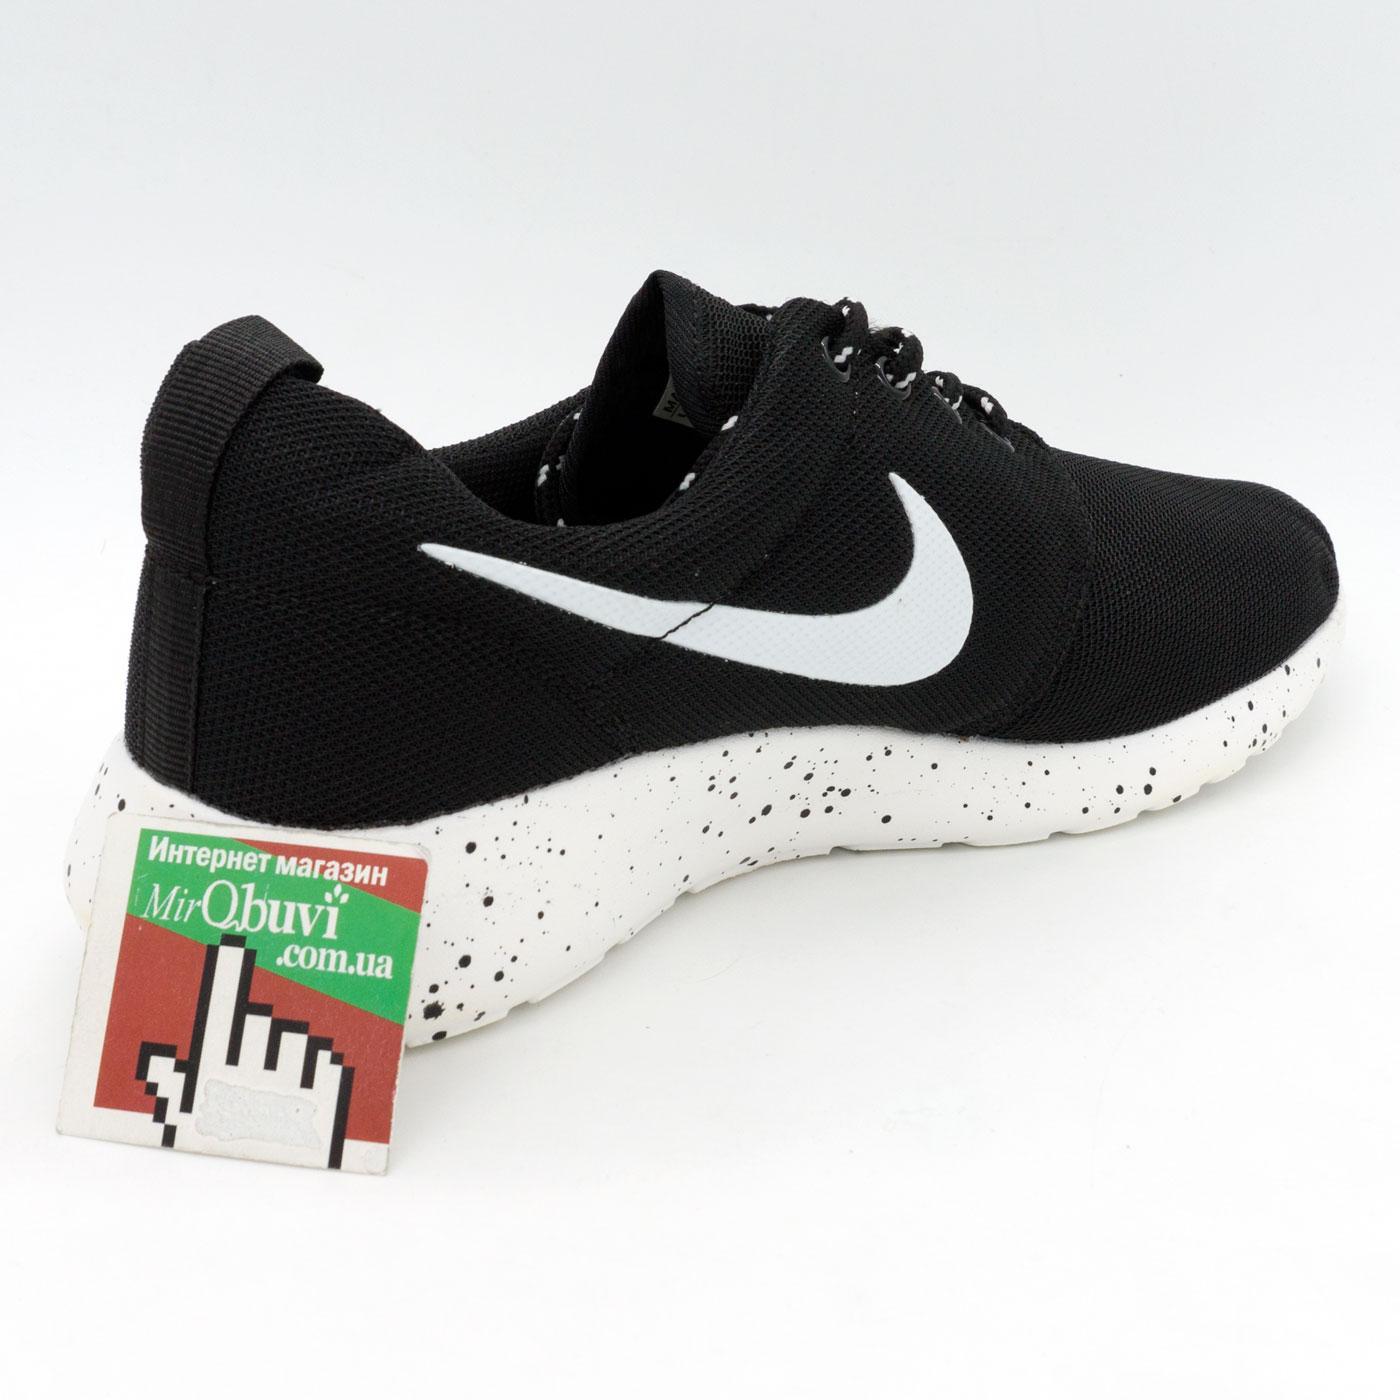 фото front Nike Roshe Run черно белые в крапинку. front